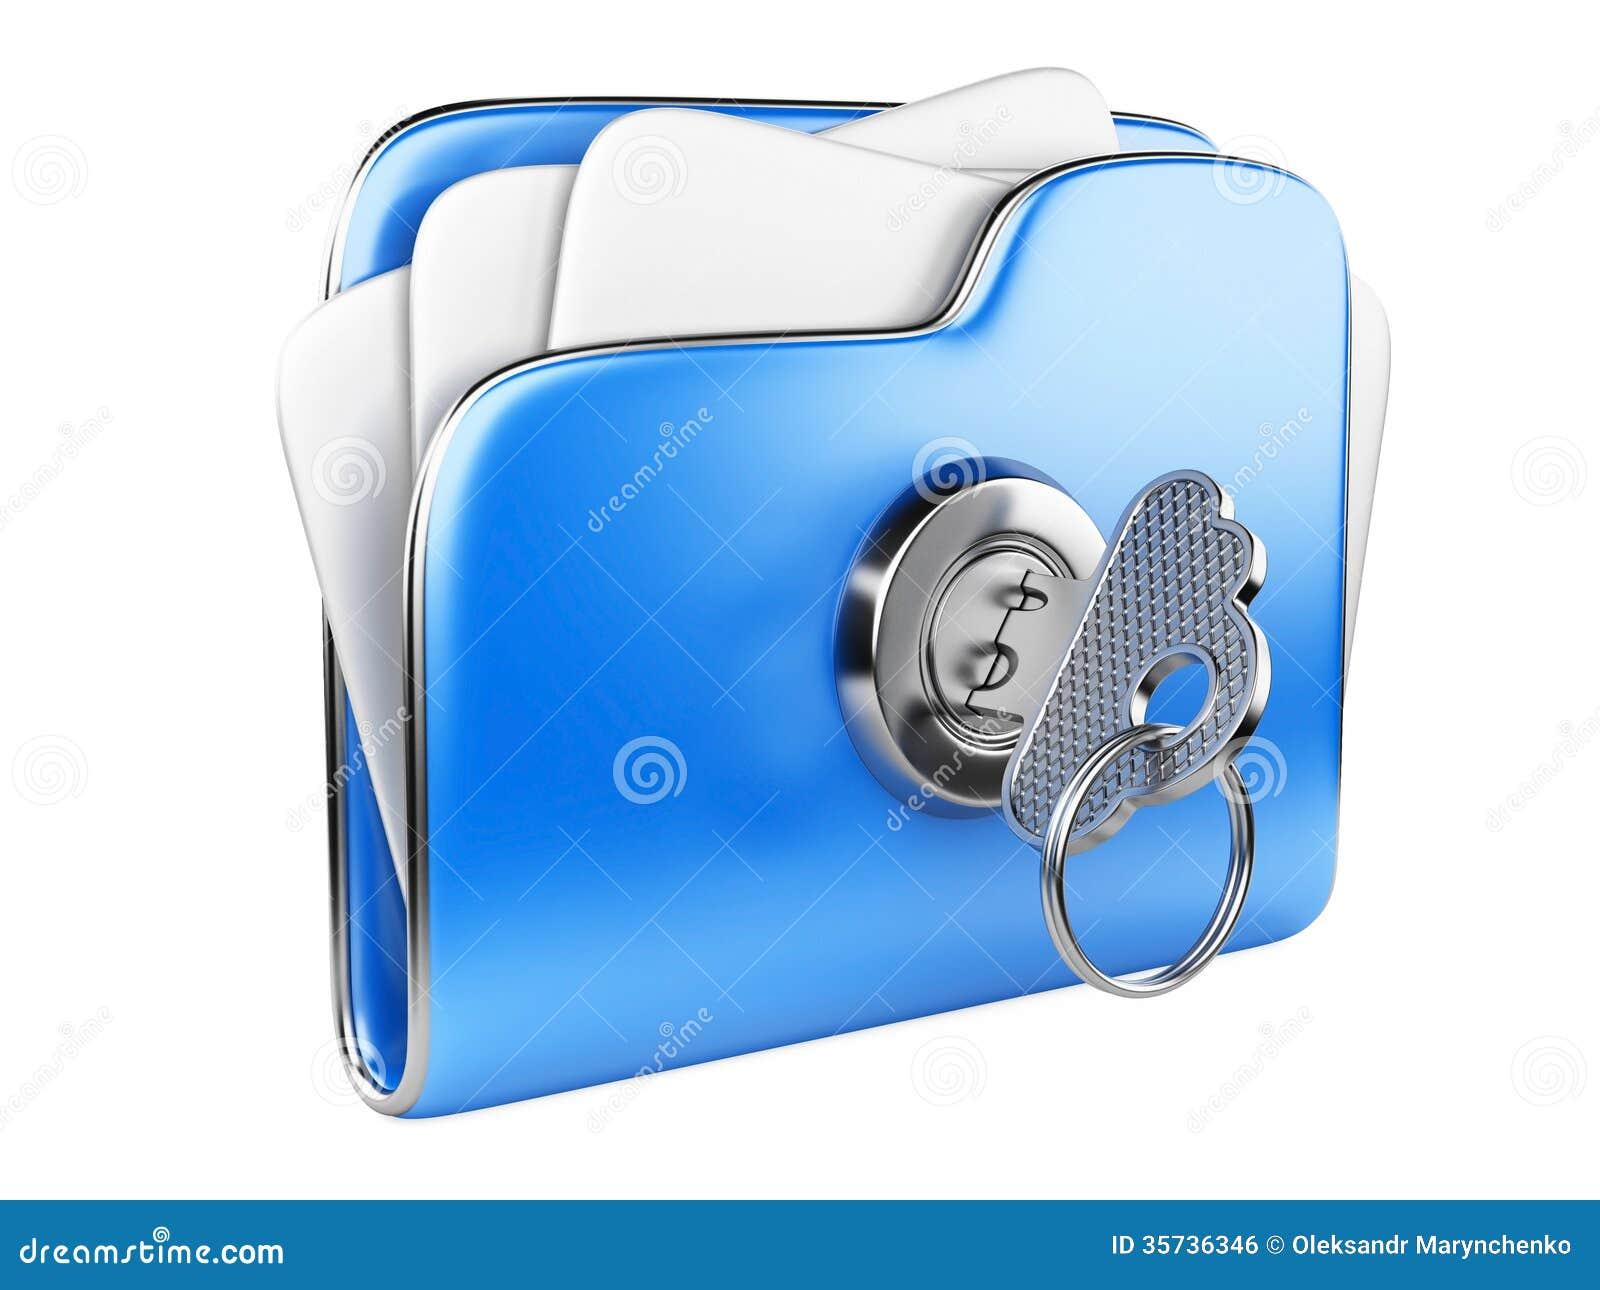 Обеспечьте файлы. Папка с ключом.